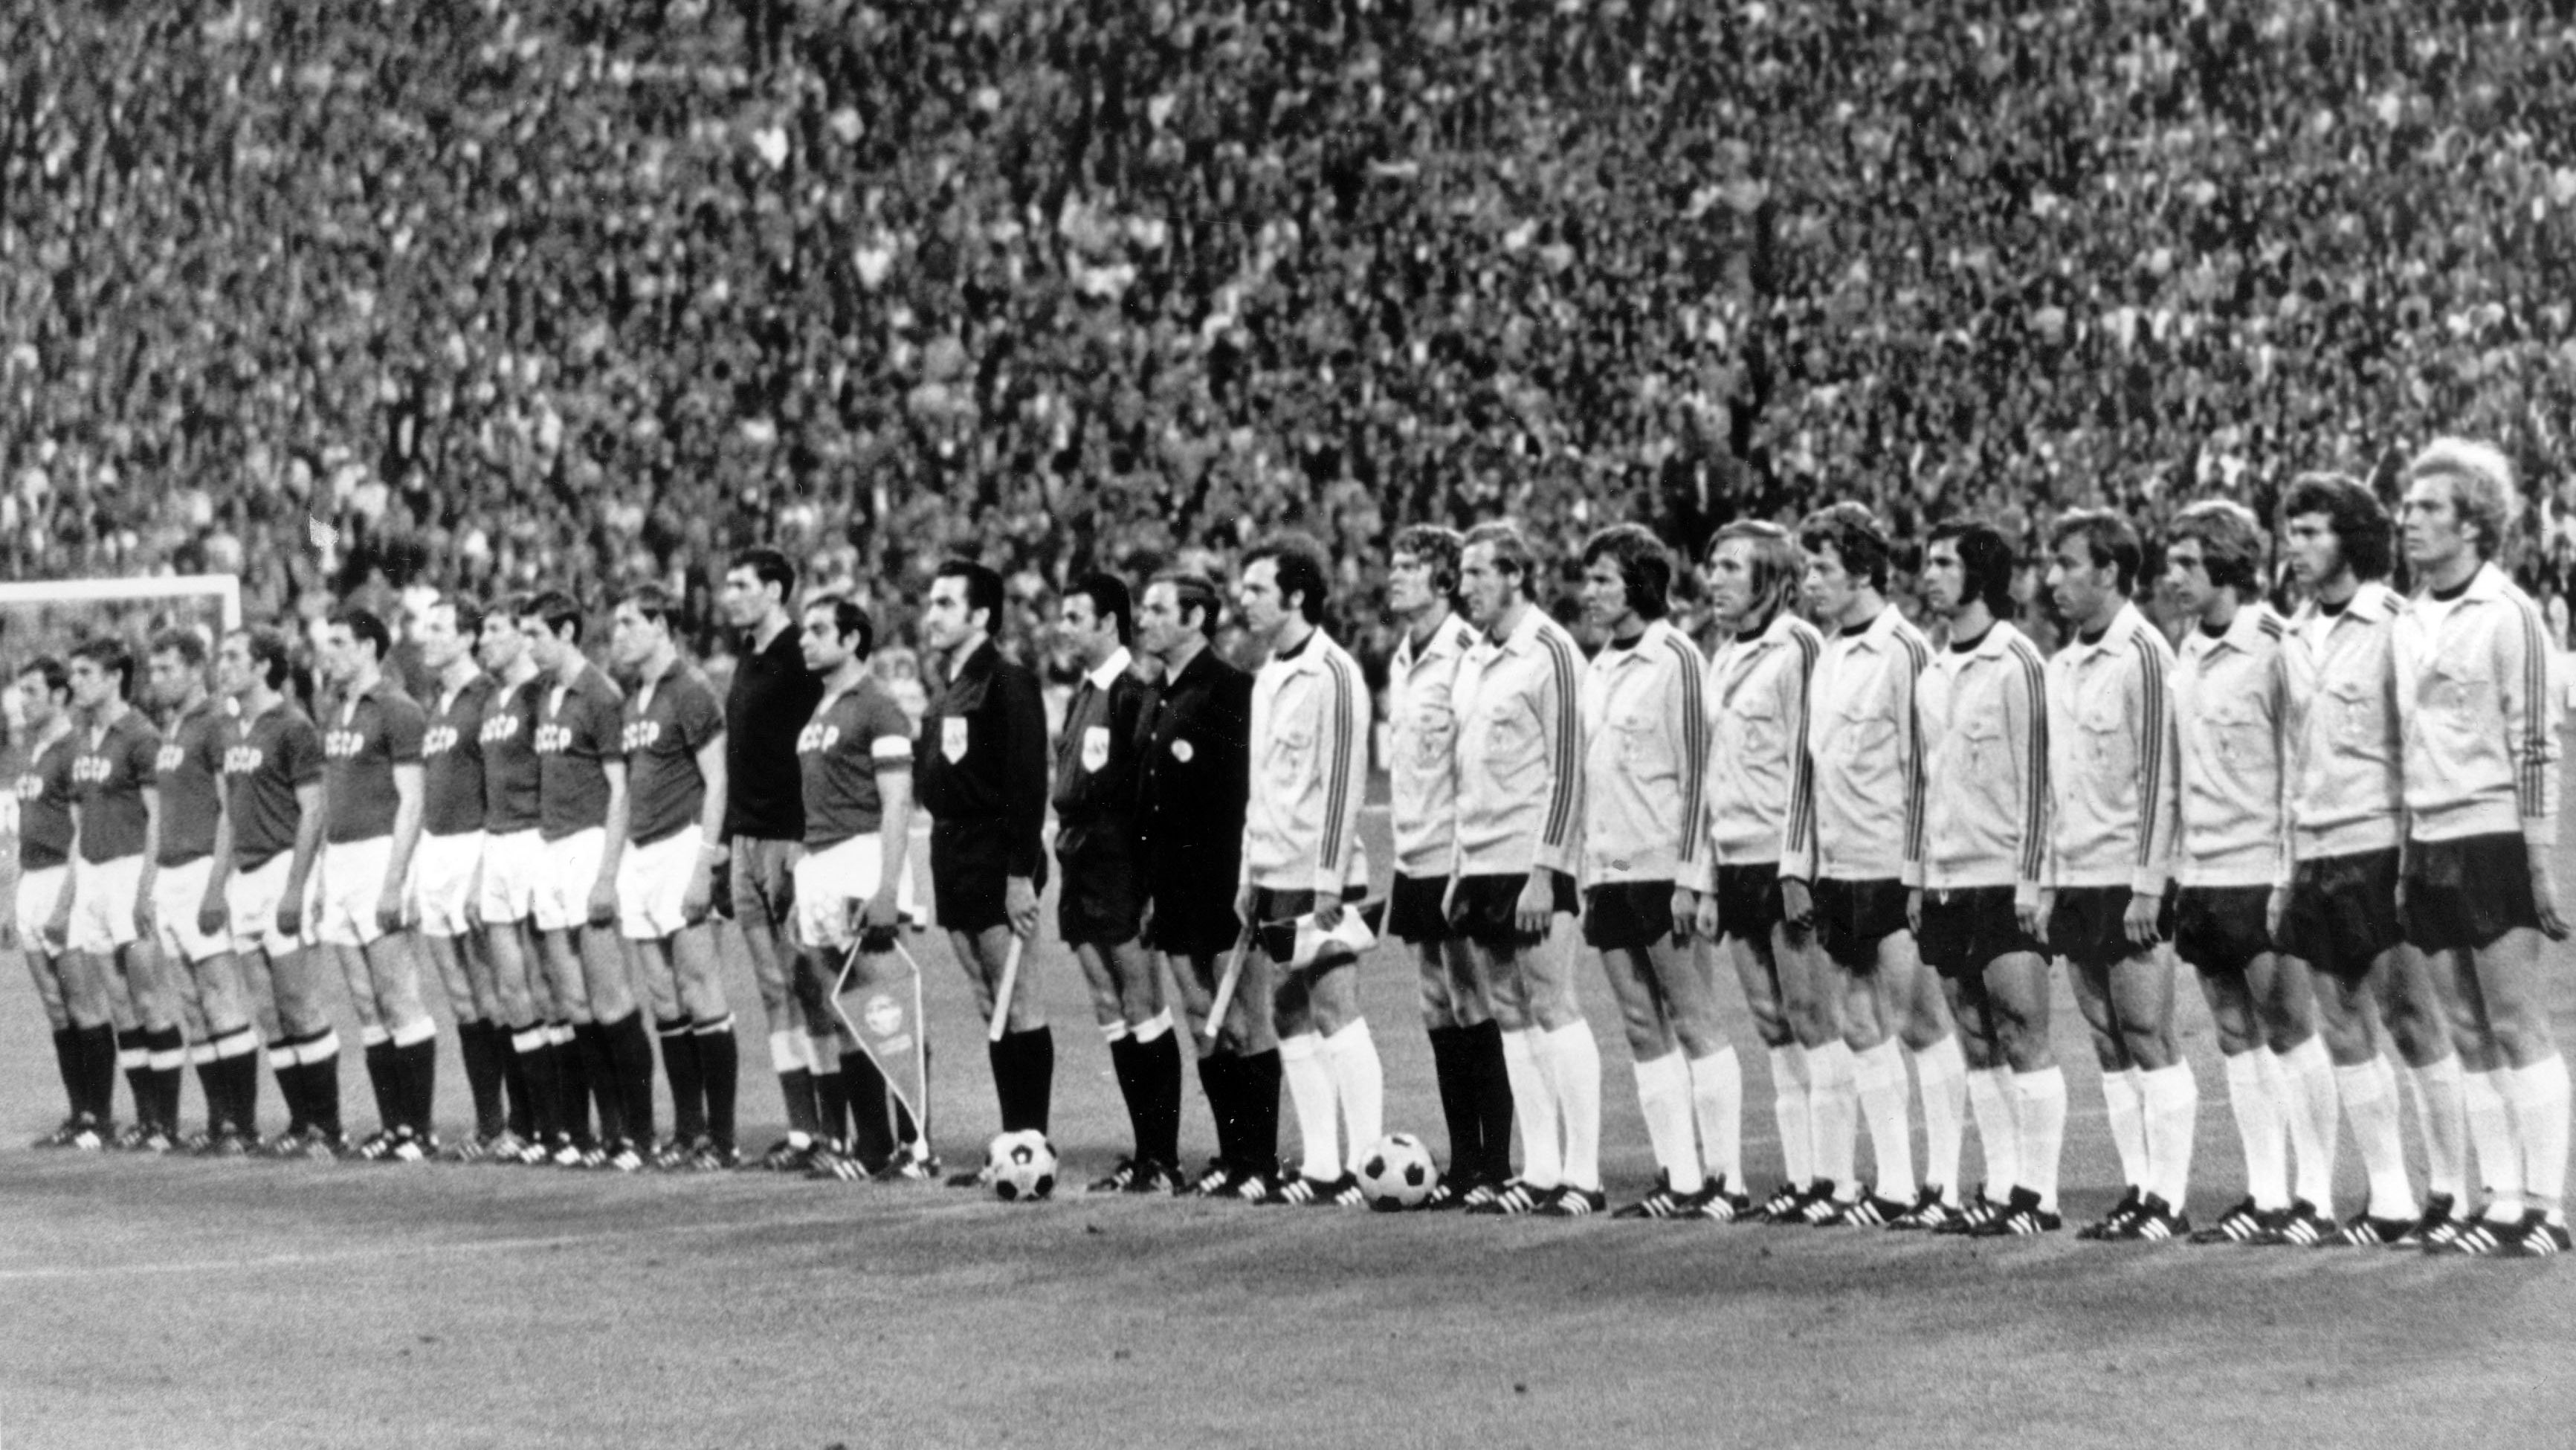 Eröffnungsspiel Münchner Olympiastadion 1972: Deutschland - UdSSR